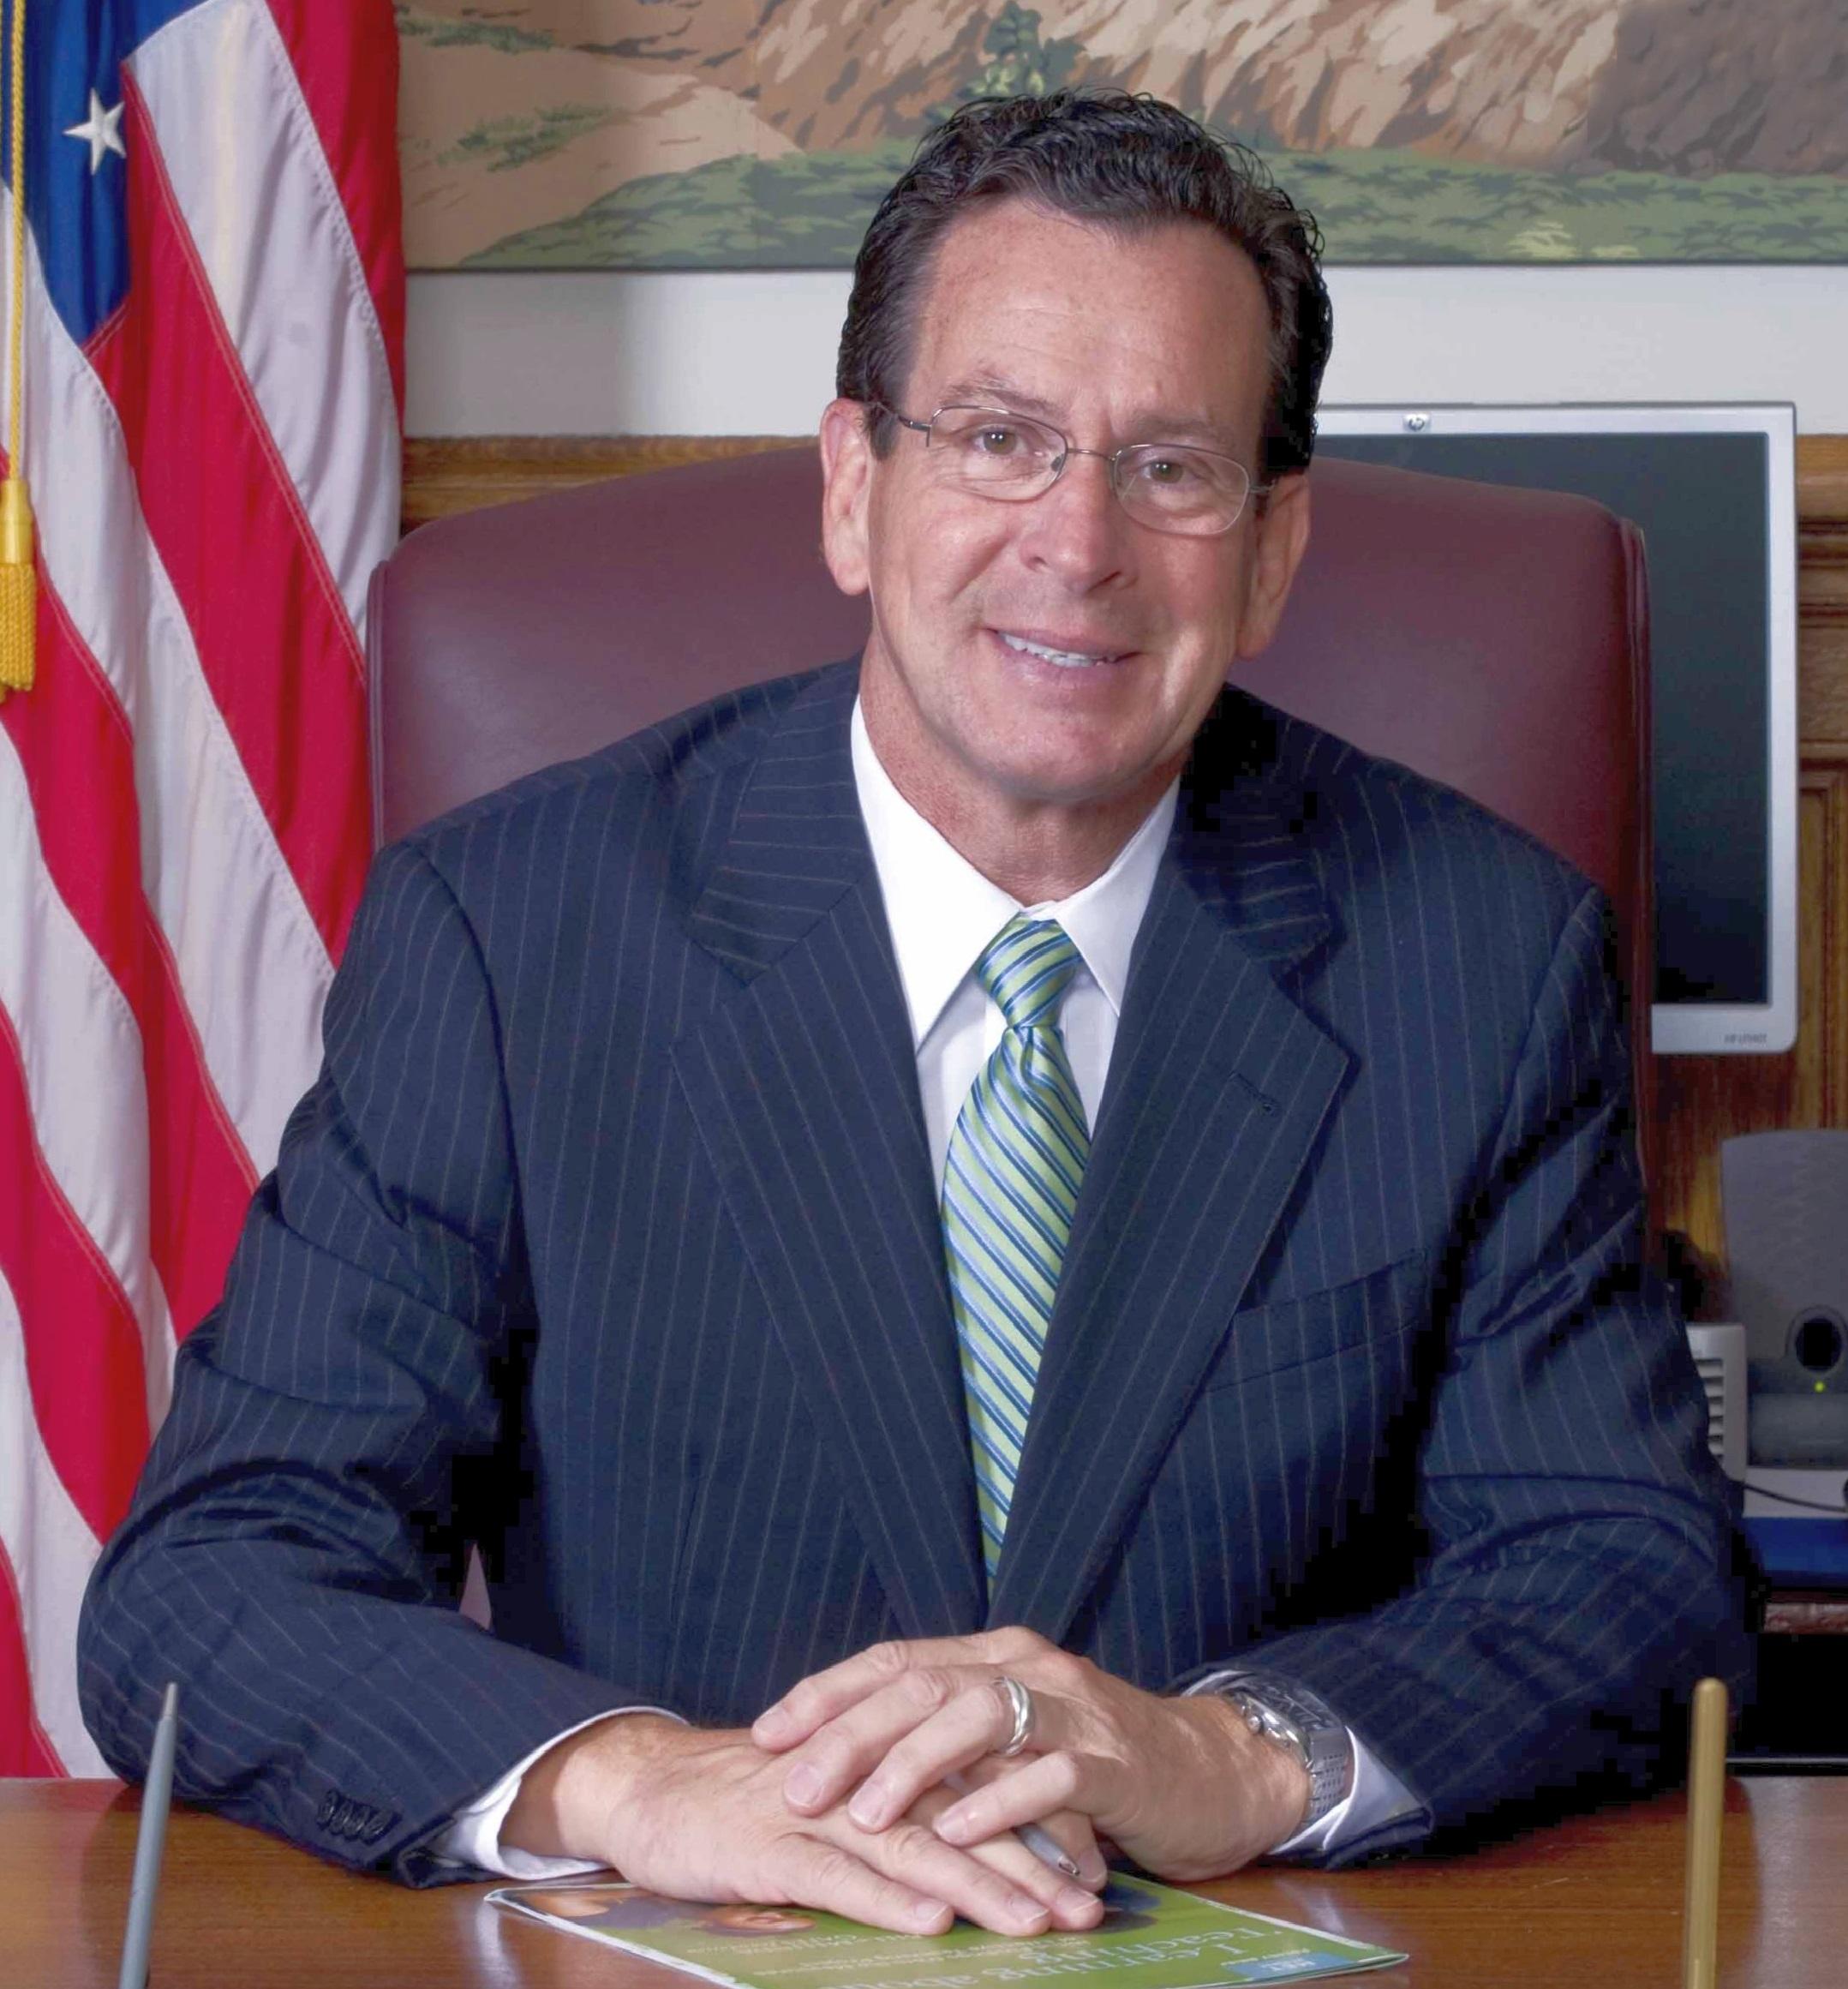 Dannel P. Malloy